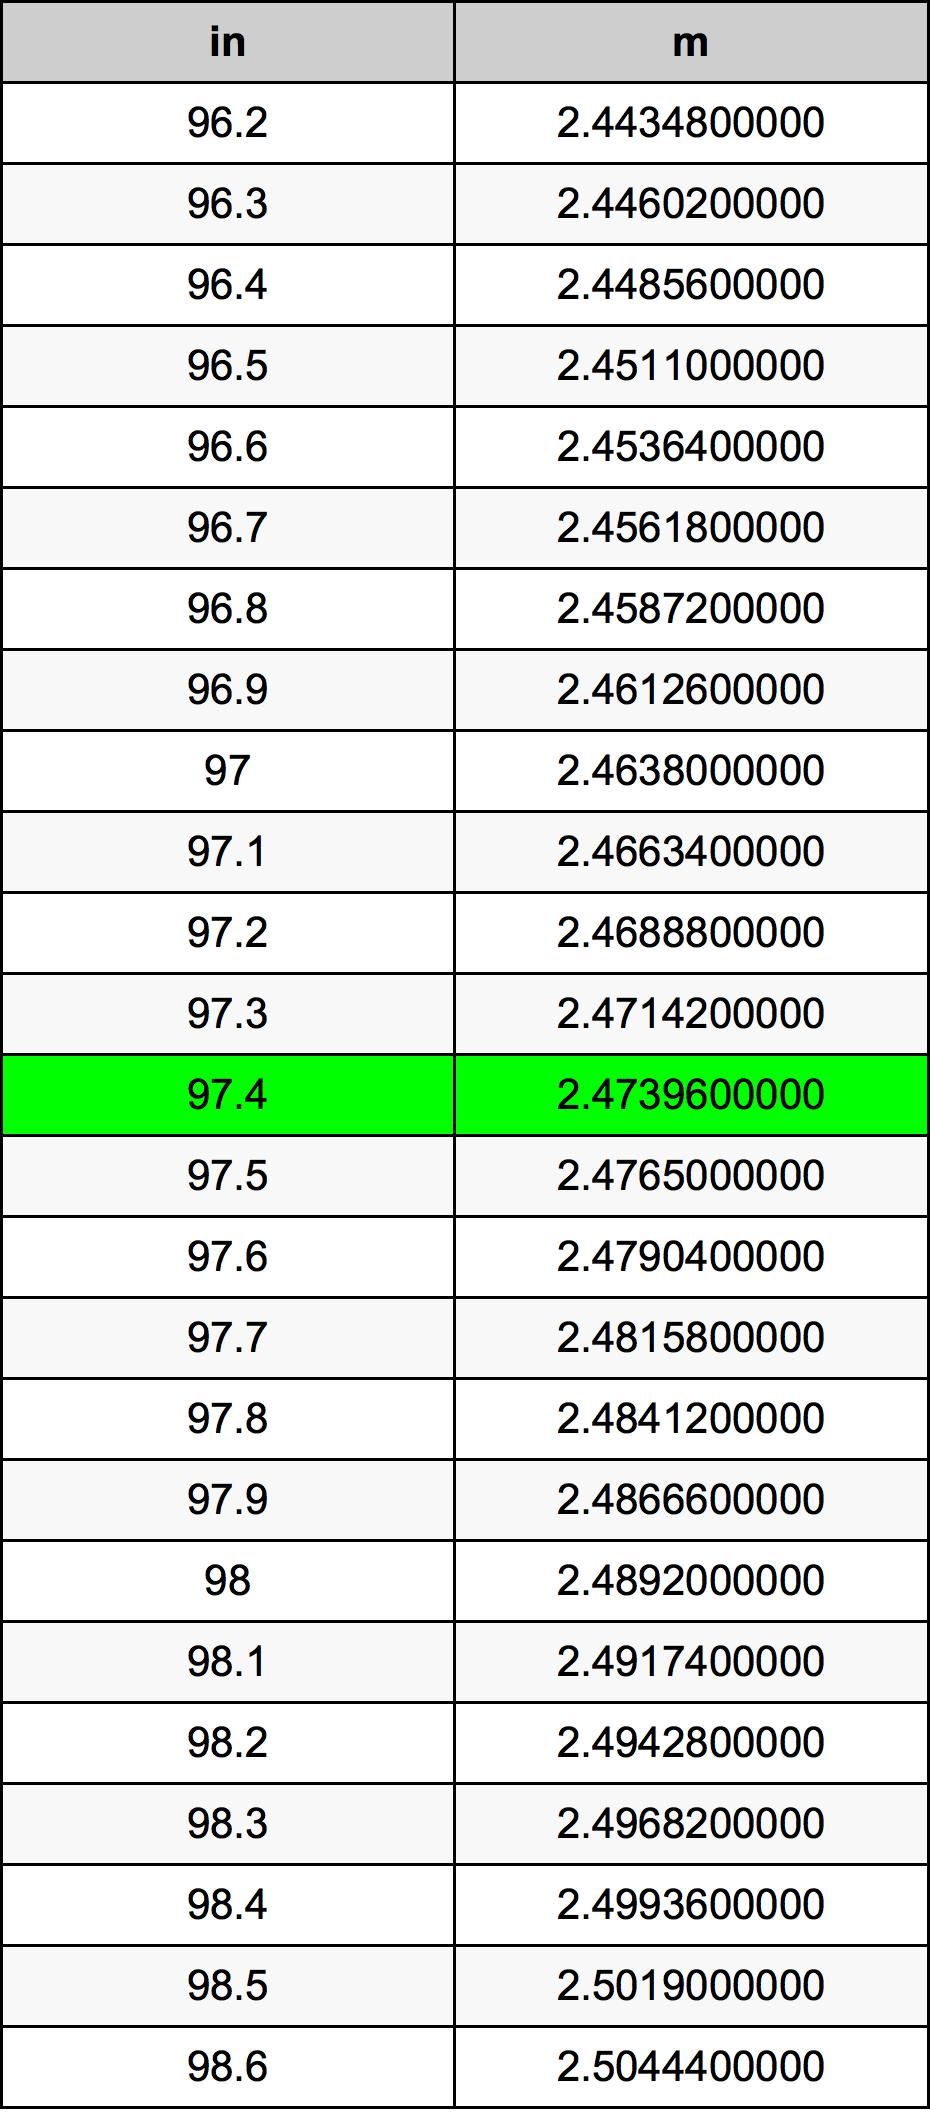 97.4 Inç Table